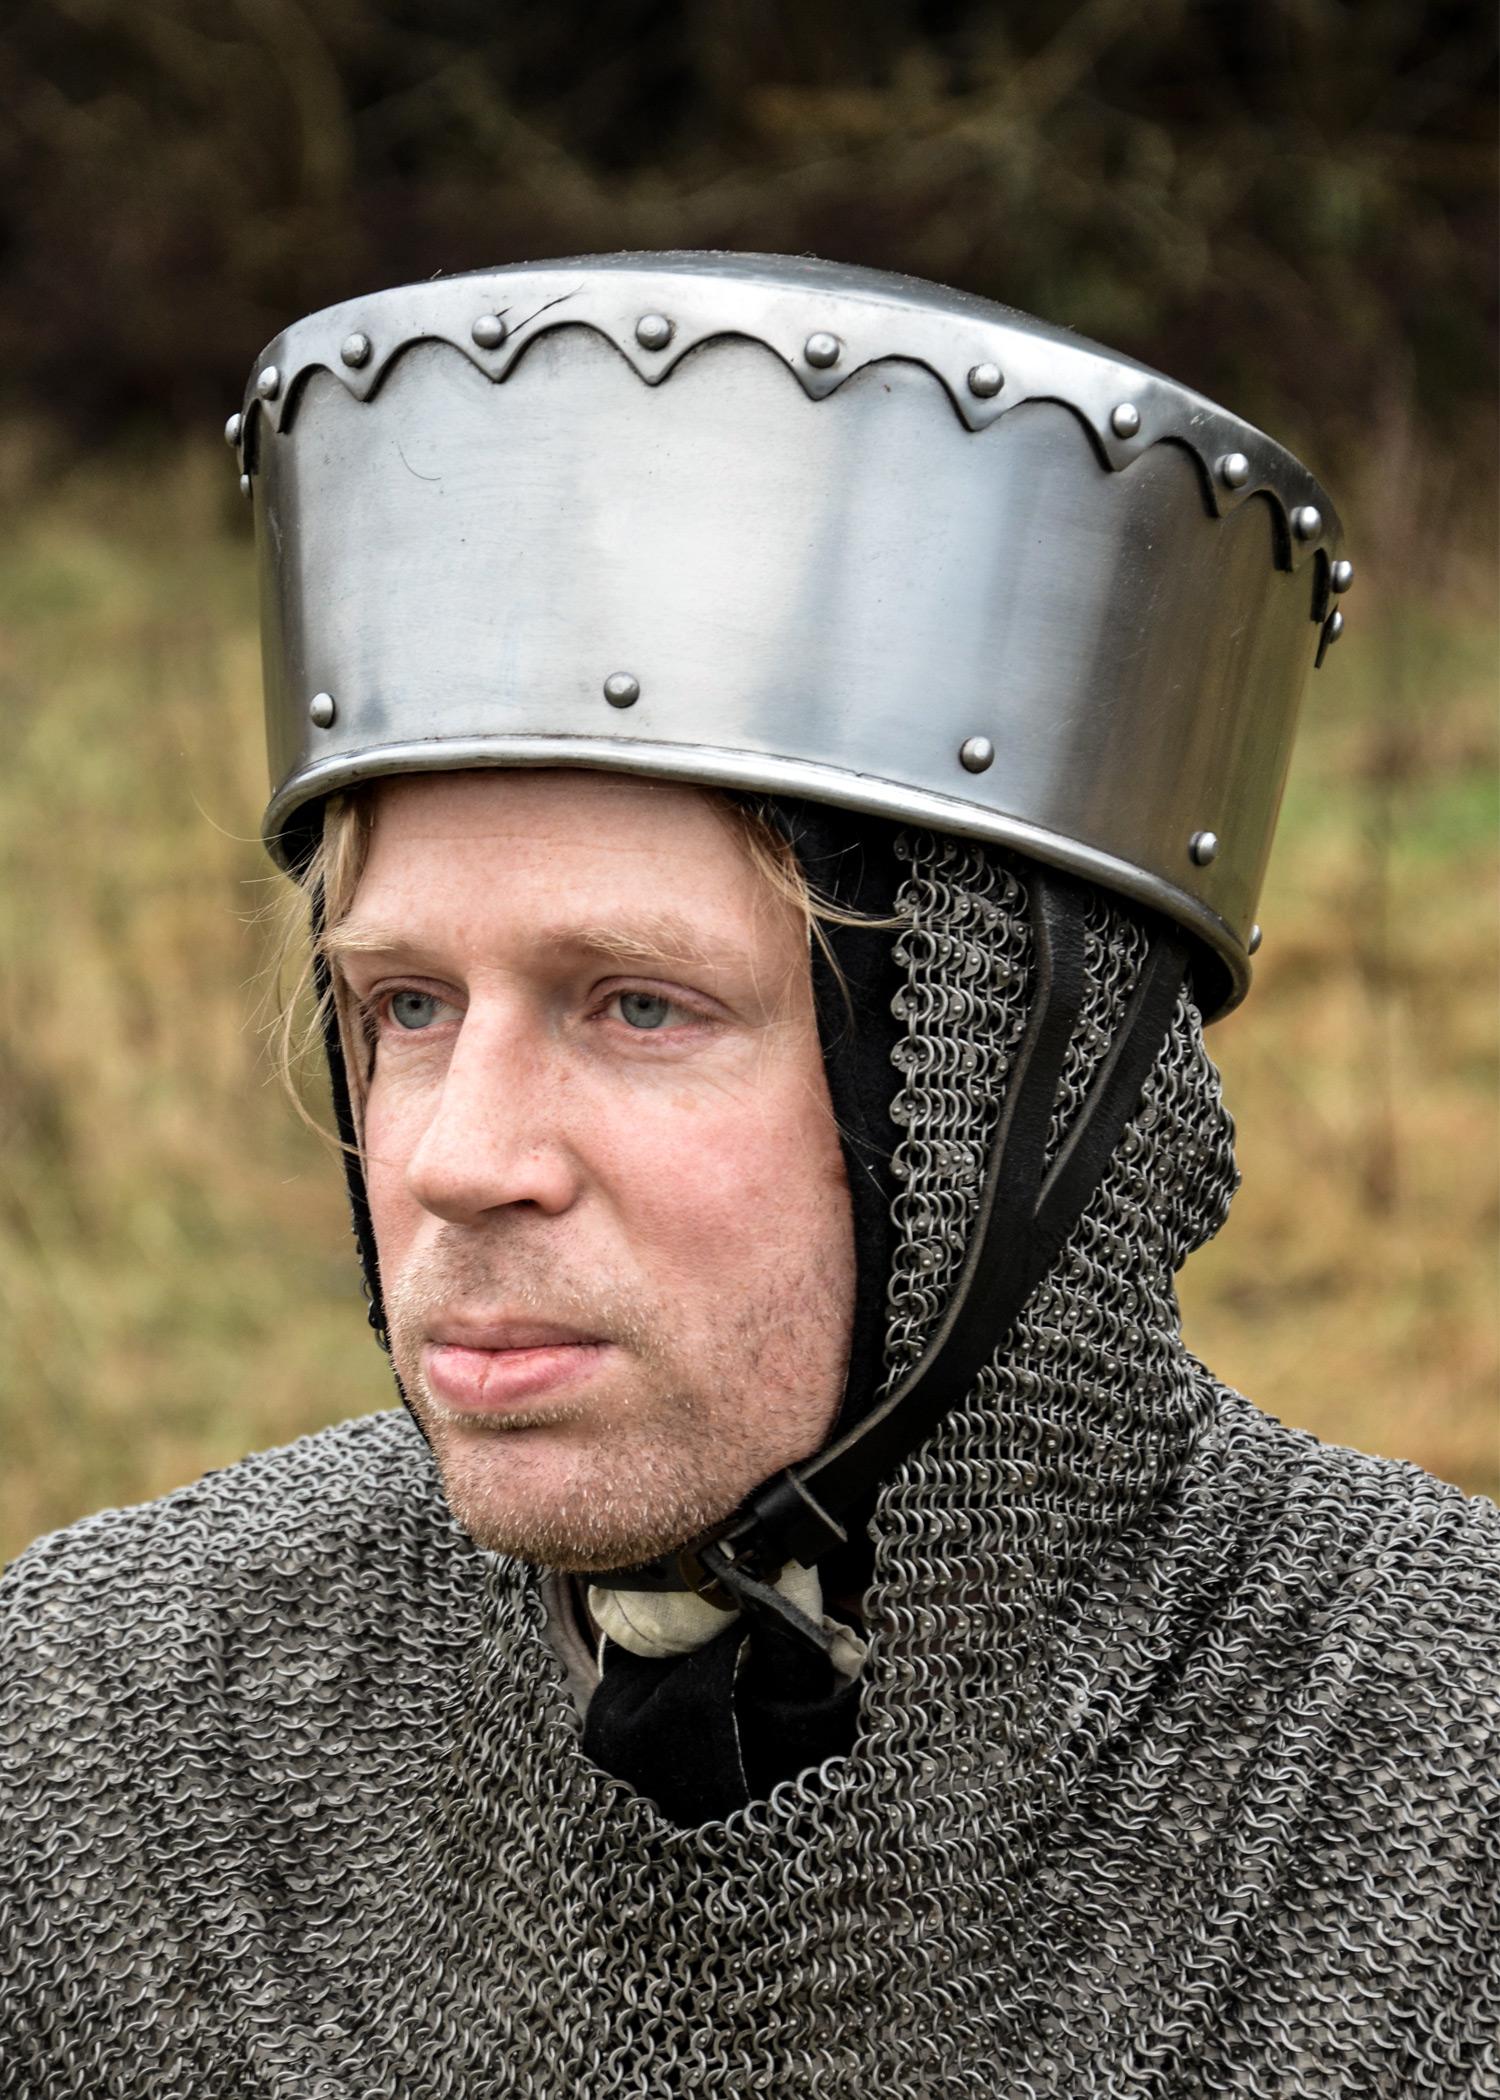 Kreuzfahrer Kalotten-Helm, 2 mm Stahl, schaukampftauglich